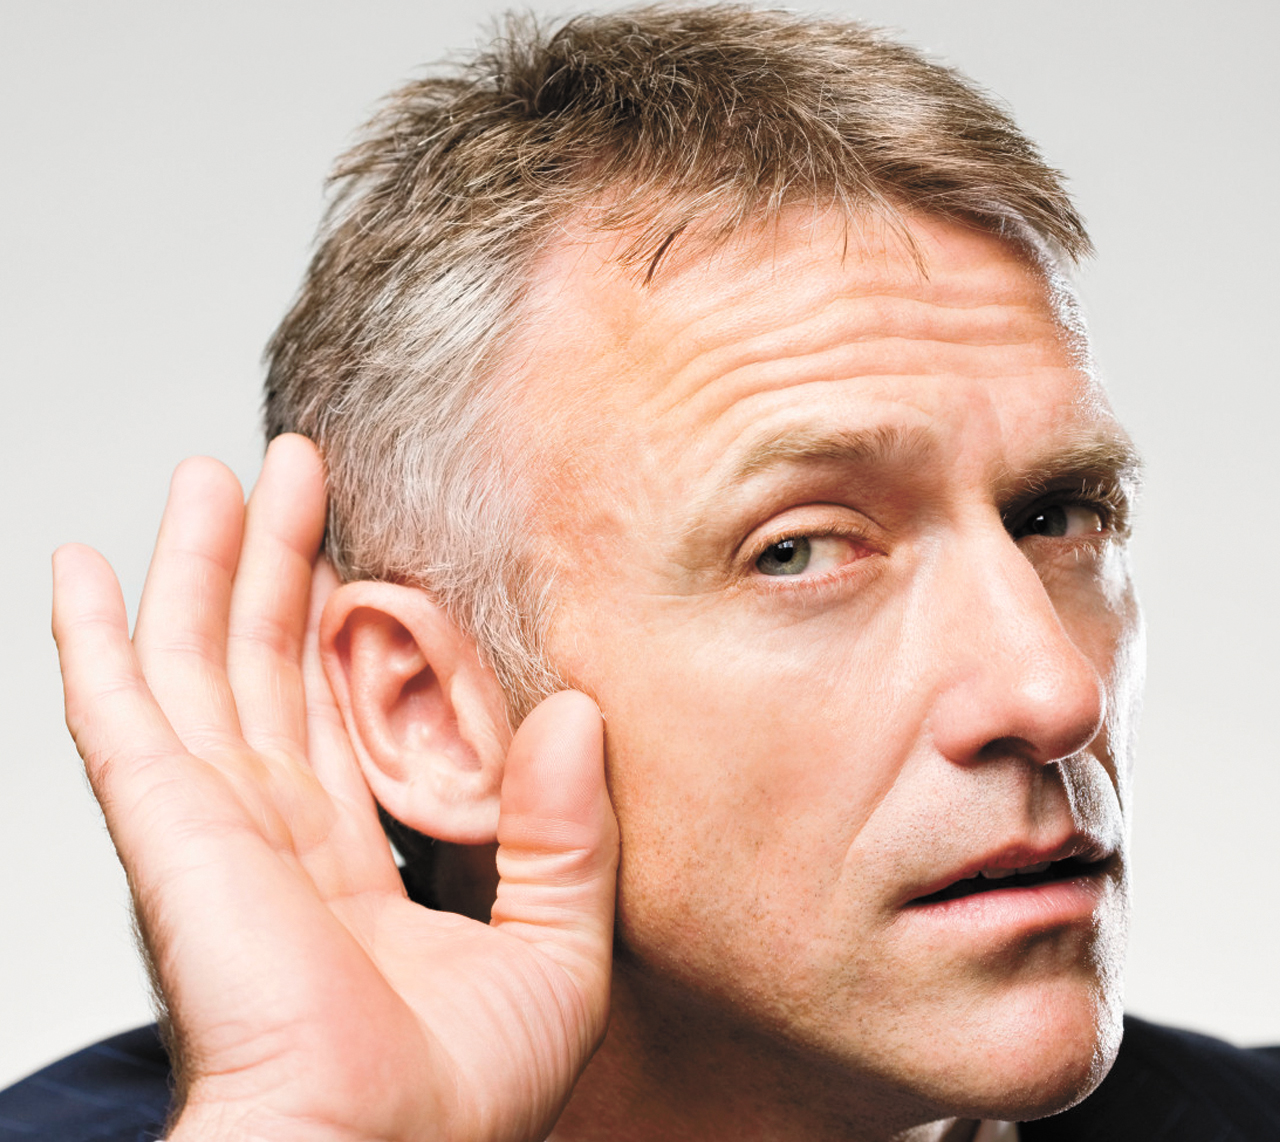 Hearing Bone